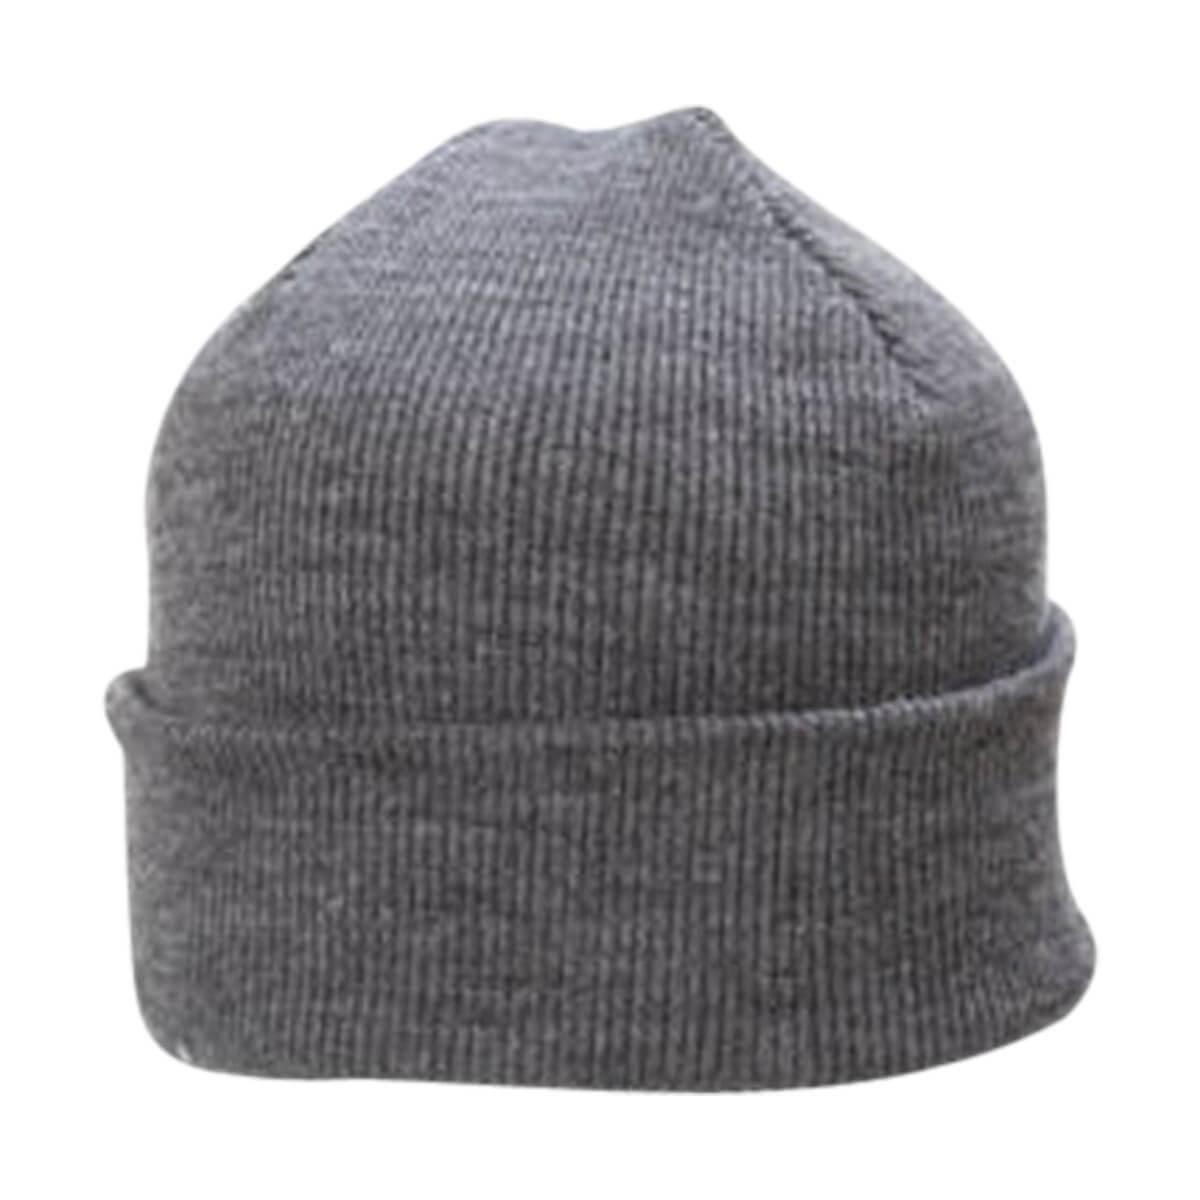 Tip Knit Toque